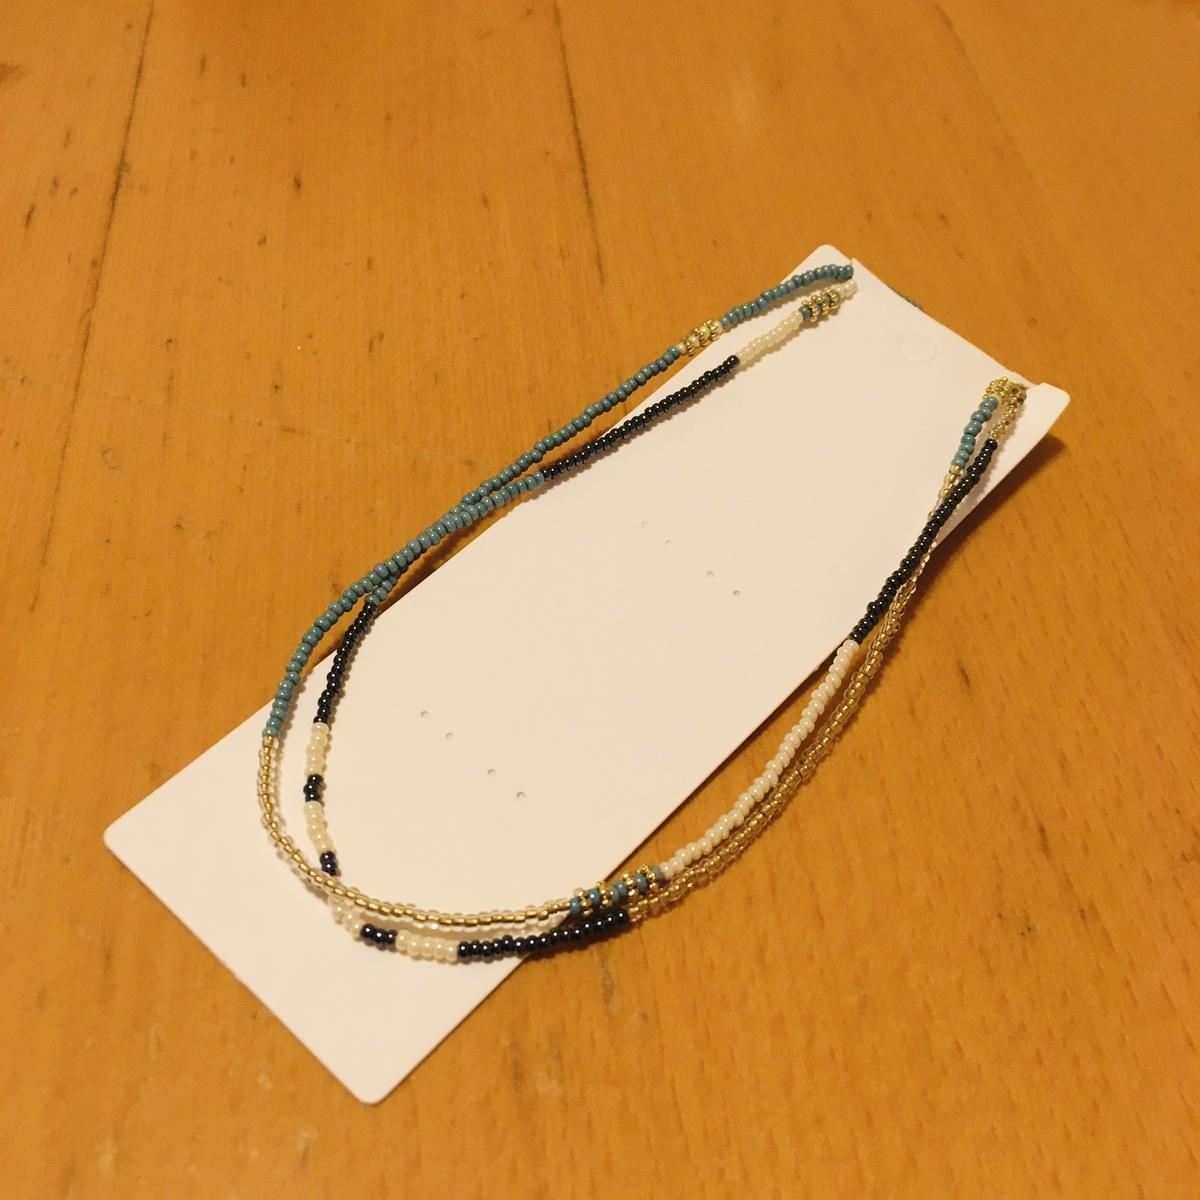 マスクホルダーを包装用台紙の上部の切れ目に引っ掛けてみたところ